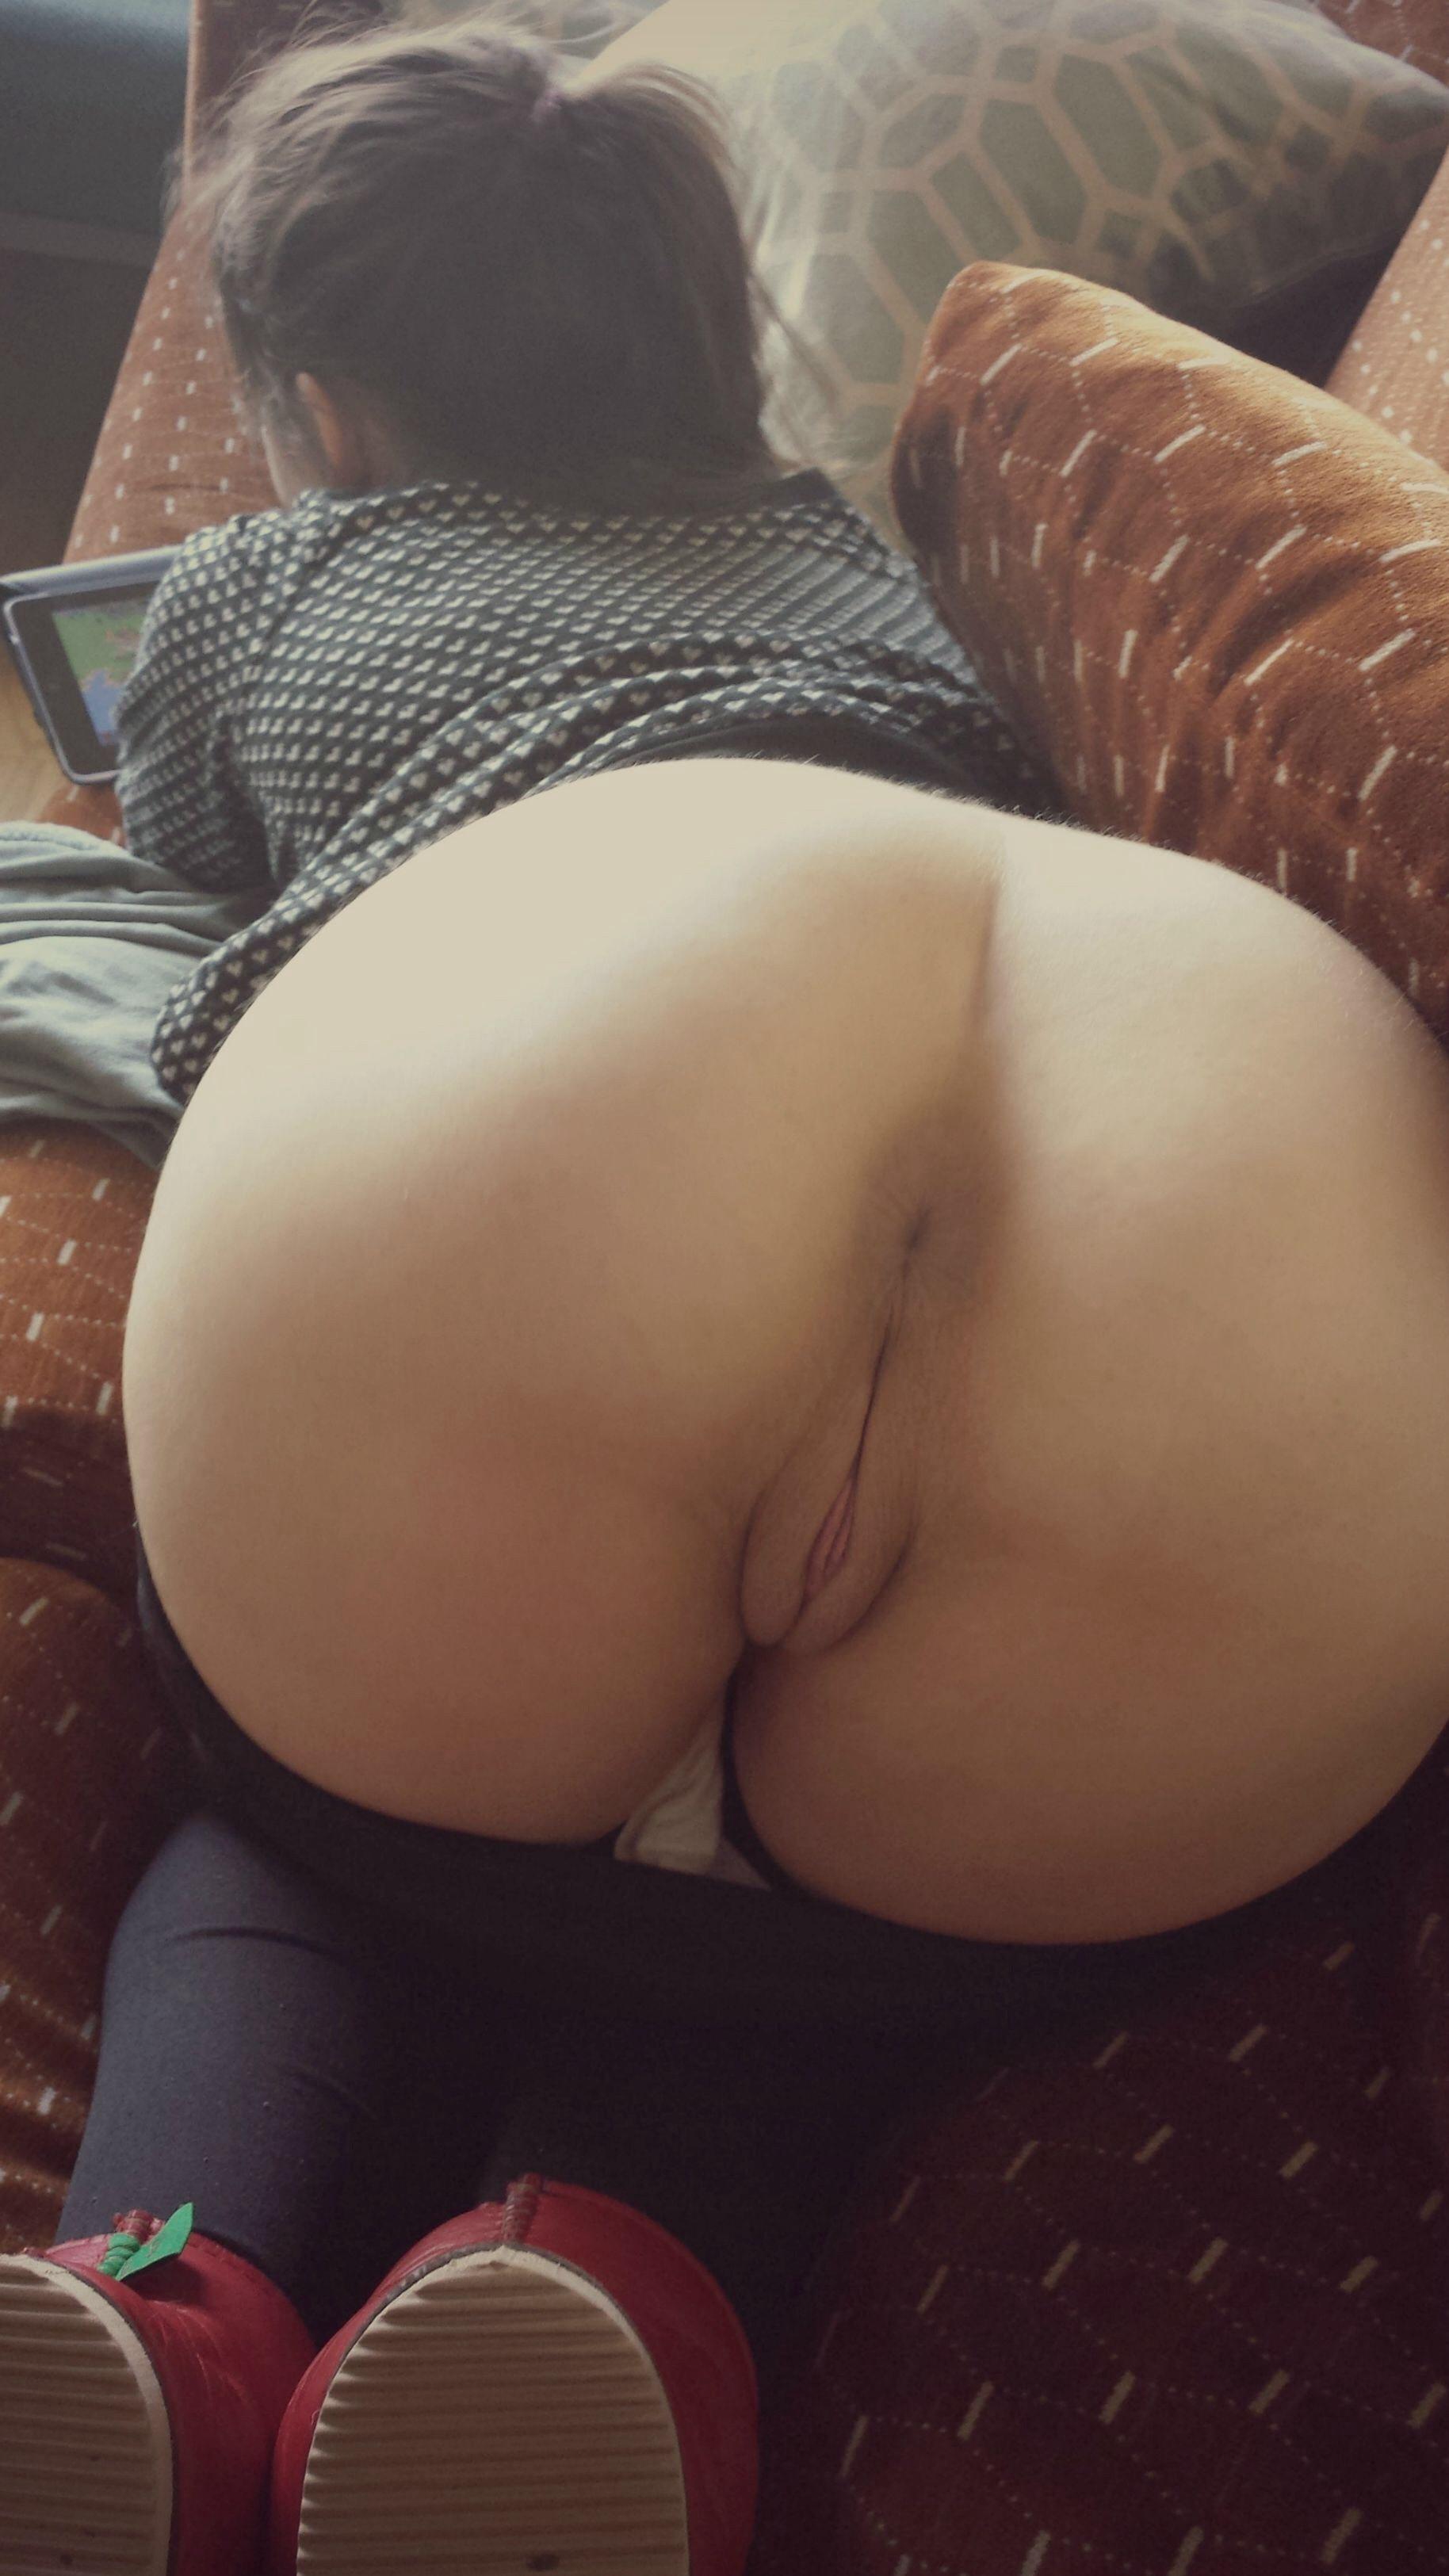 Girl Yoga Pants Gets Fucked